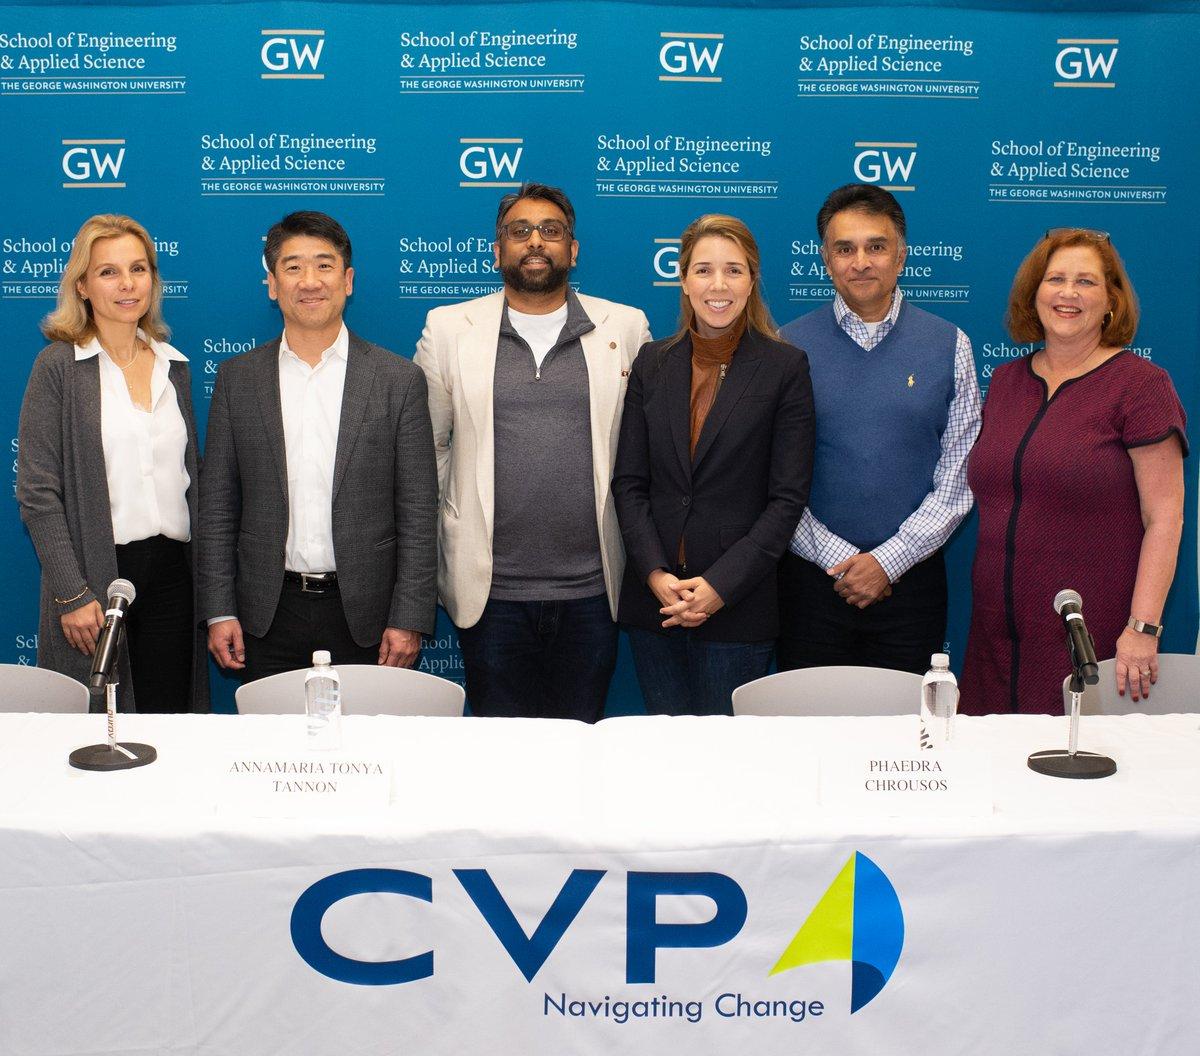 CVPCORP photo